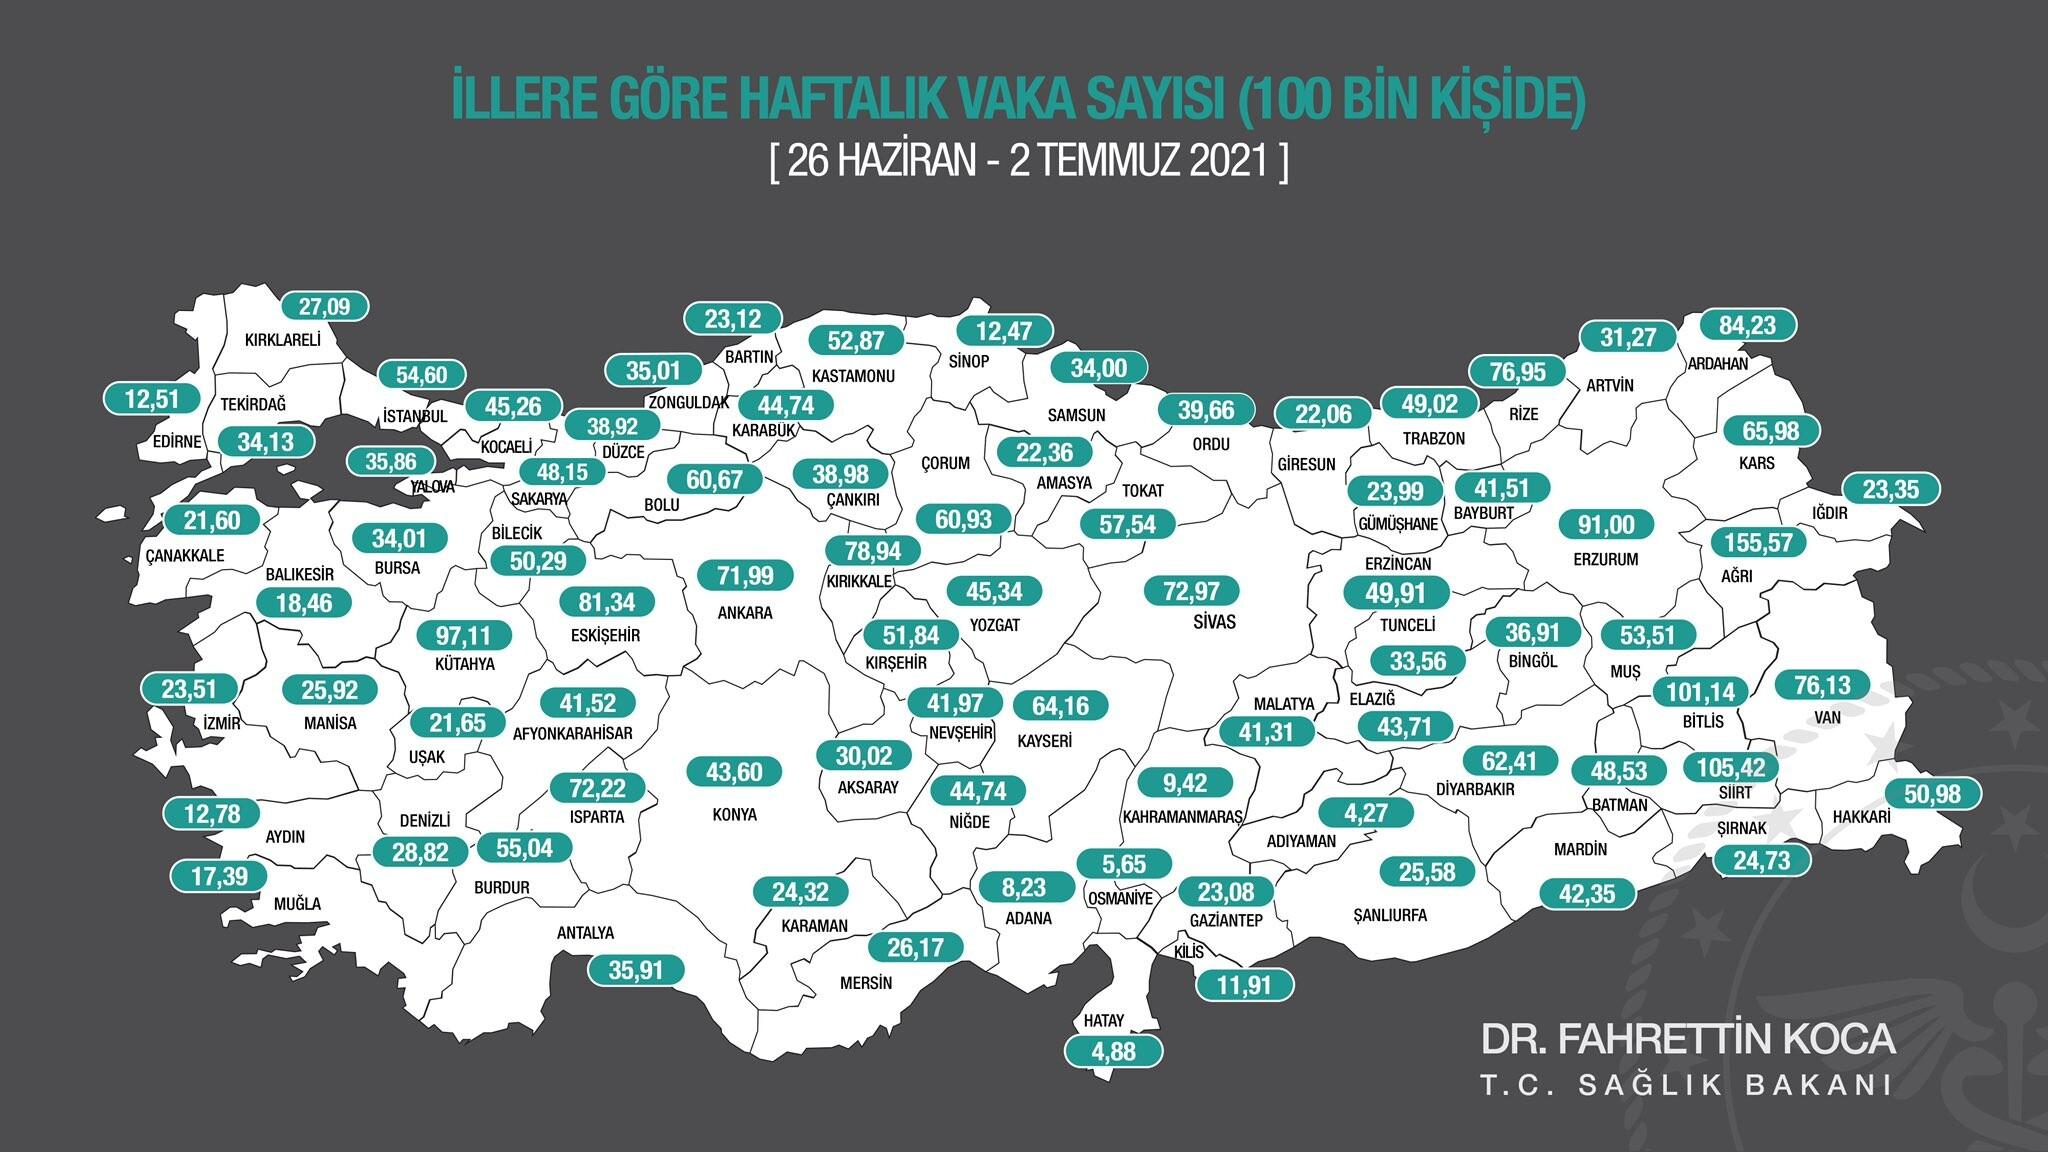 Son dakika haberler... Bakan Koca duyurdu!.. Delta plus varyantı Türkiye'de... 3 ilde görüldü..